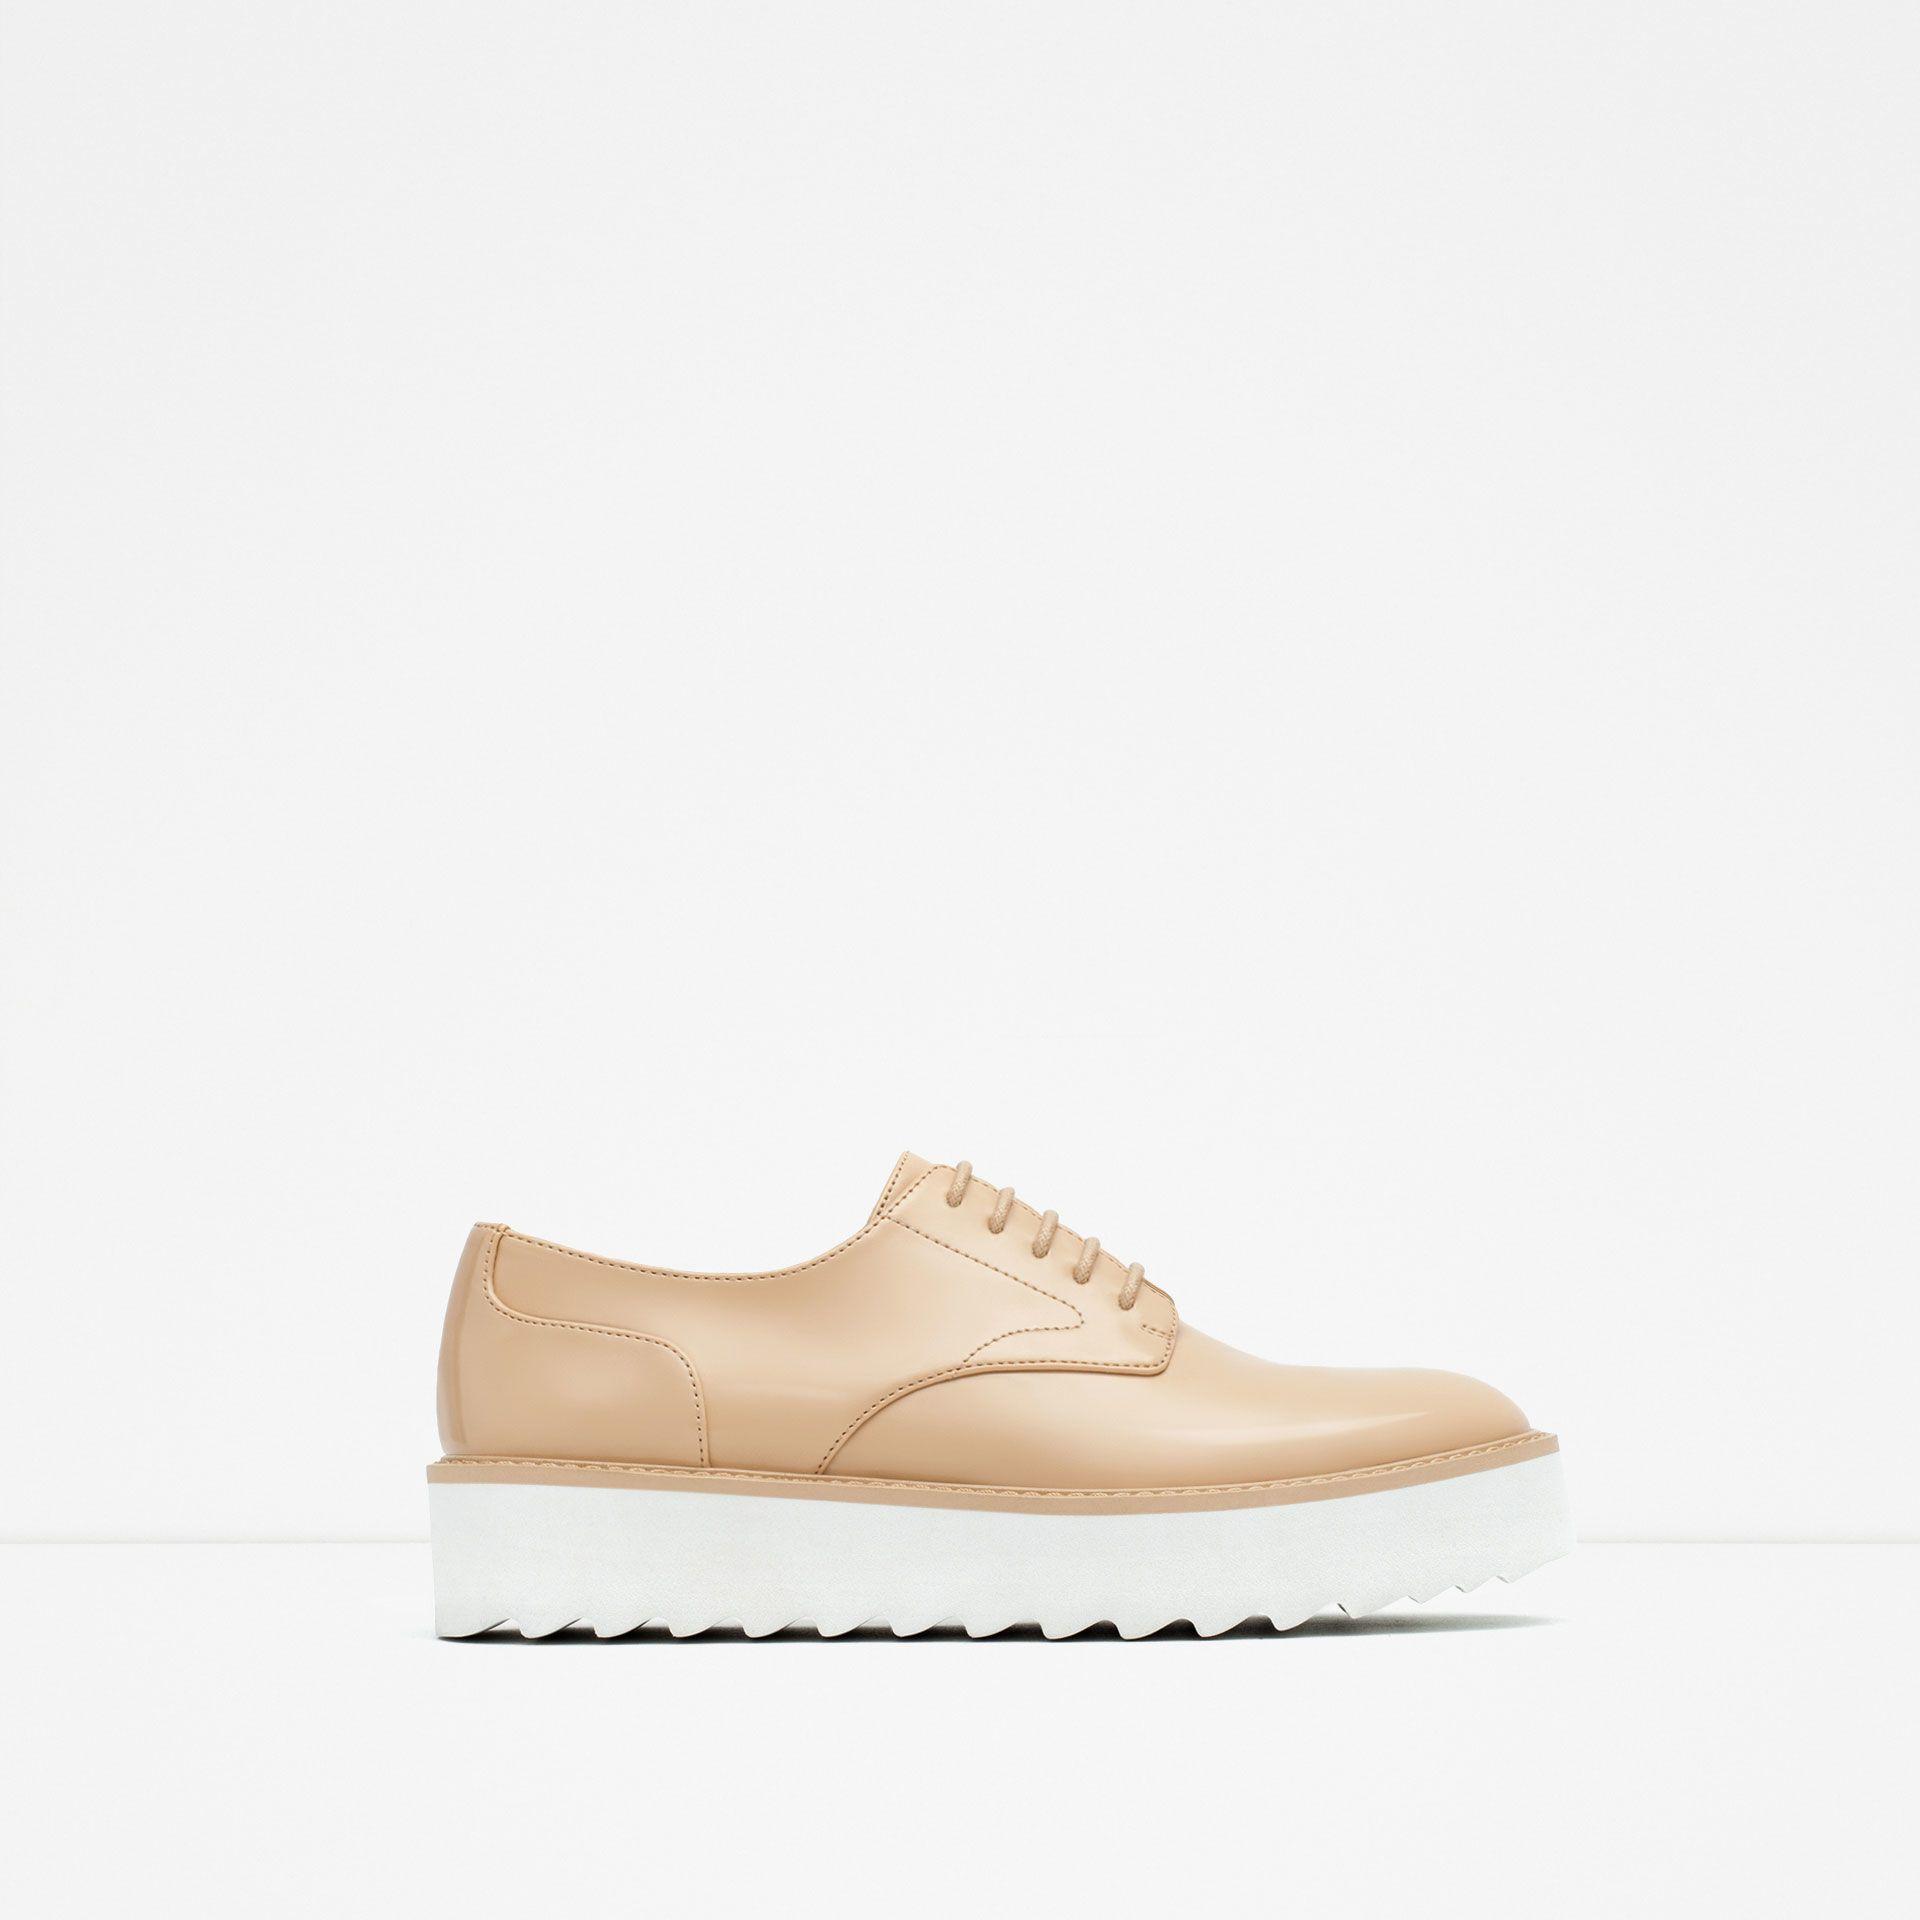 Zara Shoes, Nude Shoes, Lace Up Shoes, Omg Shoes, Womens Flats, Platform  Shoes, Shoes Women, Zara Women, Platforms